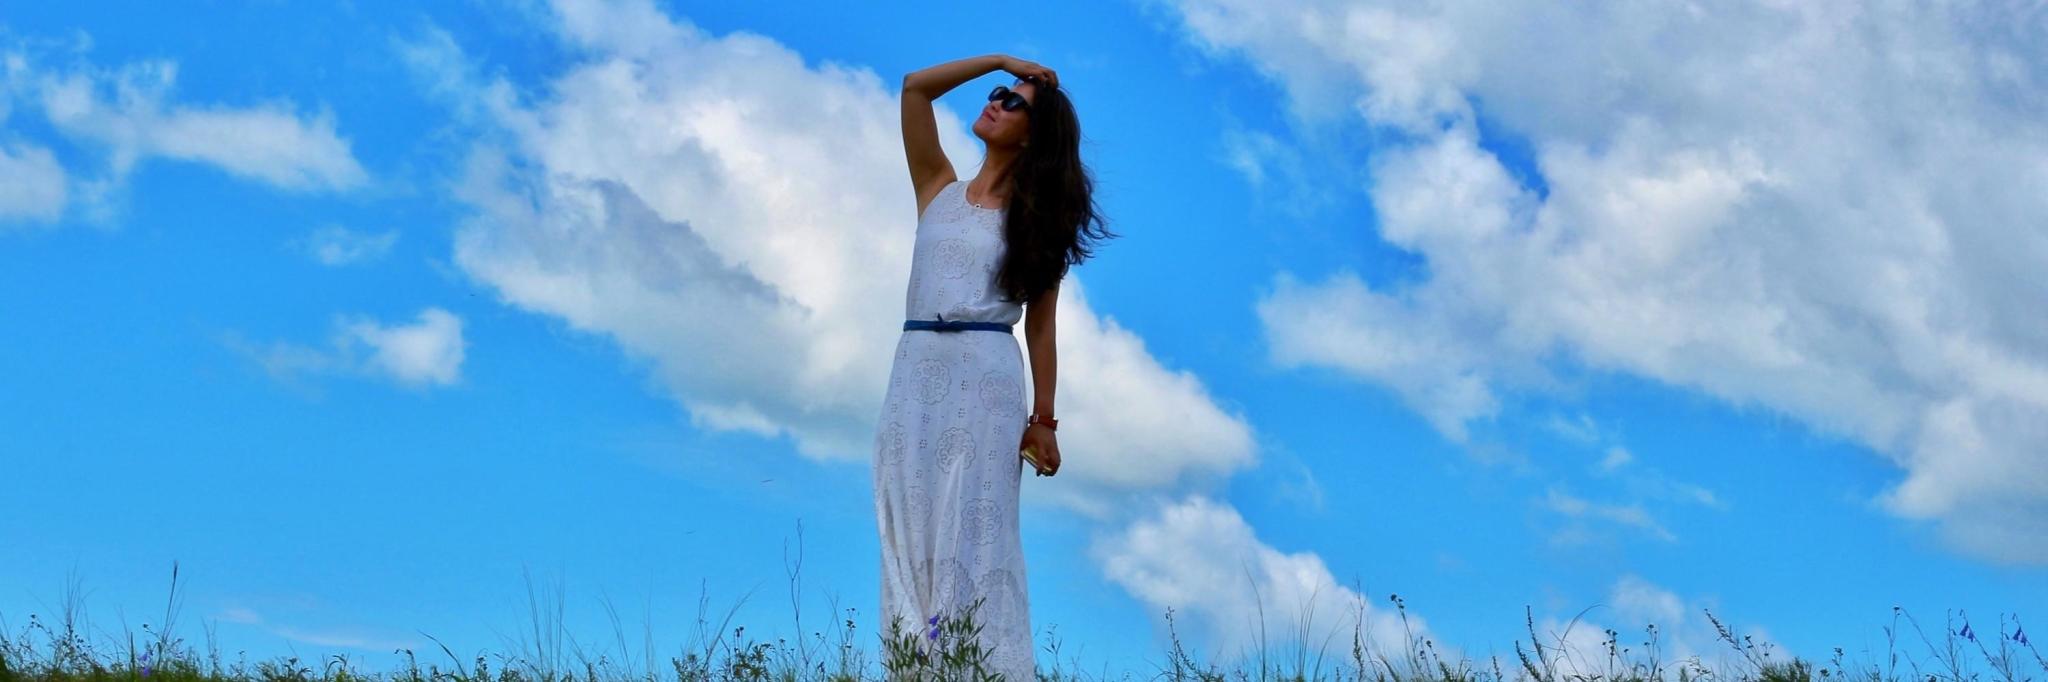 初夏让我们去呼伦贝尔大草原玩耍吧,领略呼伦贝尔大草原的风光,内蒙古自助游yabo88亚博官网